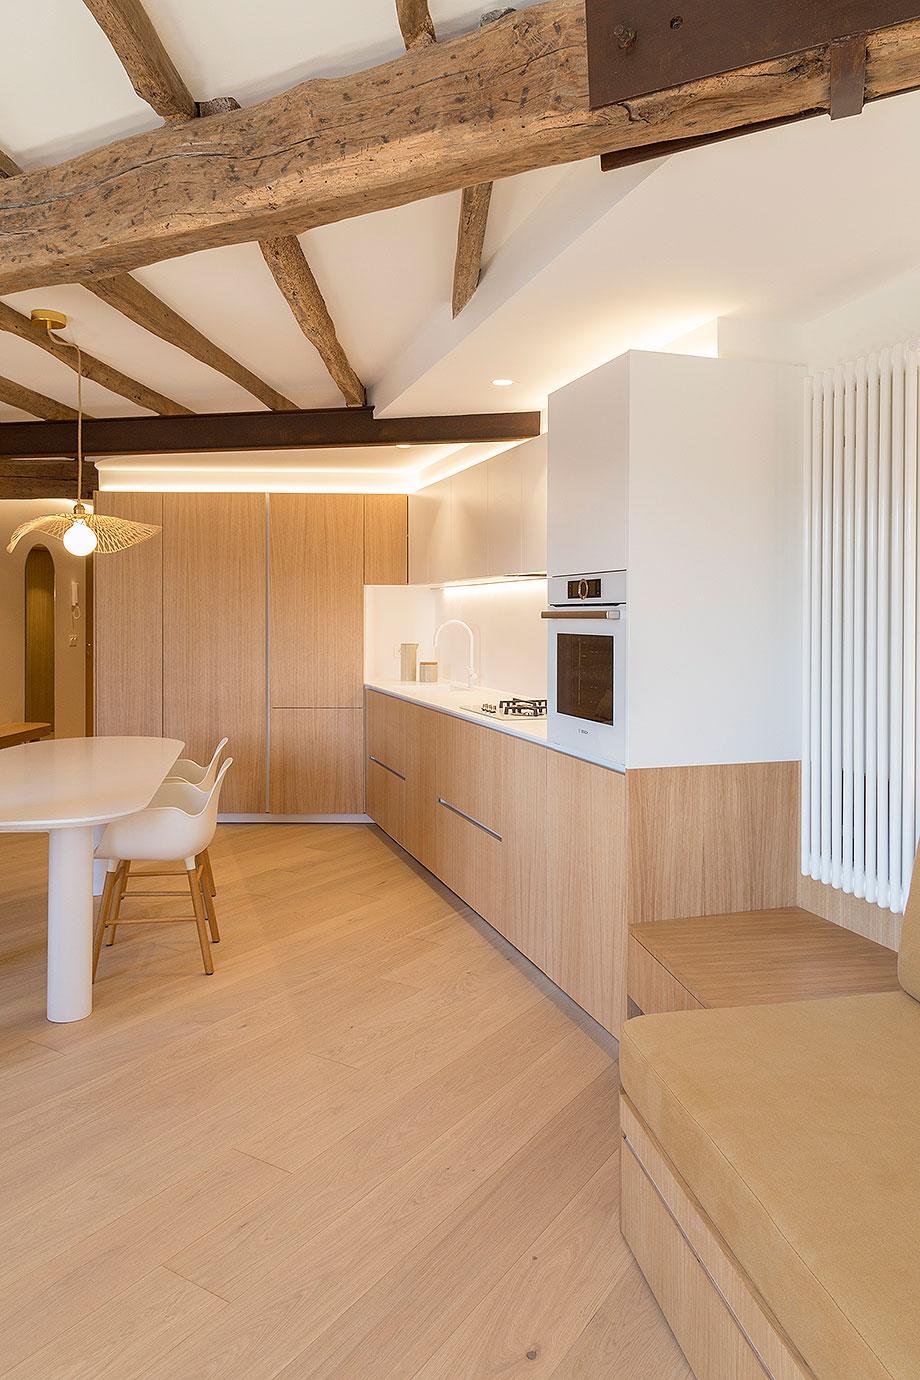 casa kaia de amaia arana arkitektura (7) - foto iñaki guridi de mitiko estudio